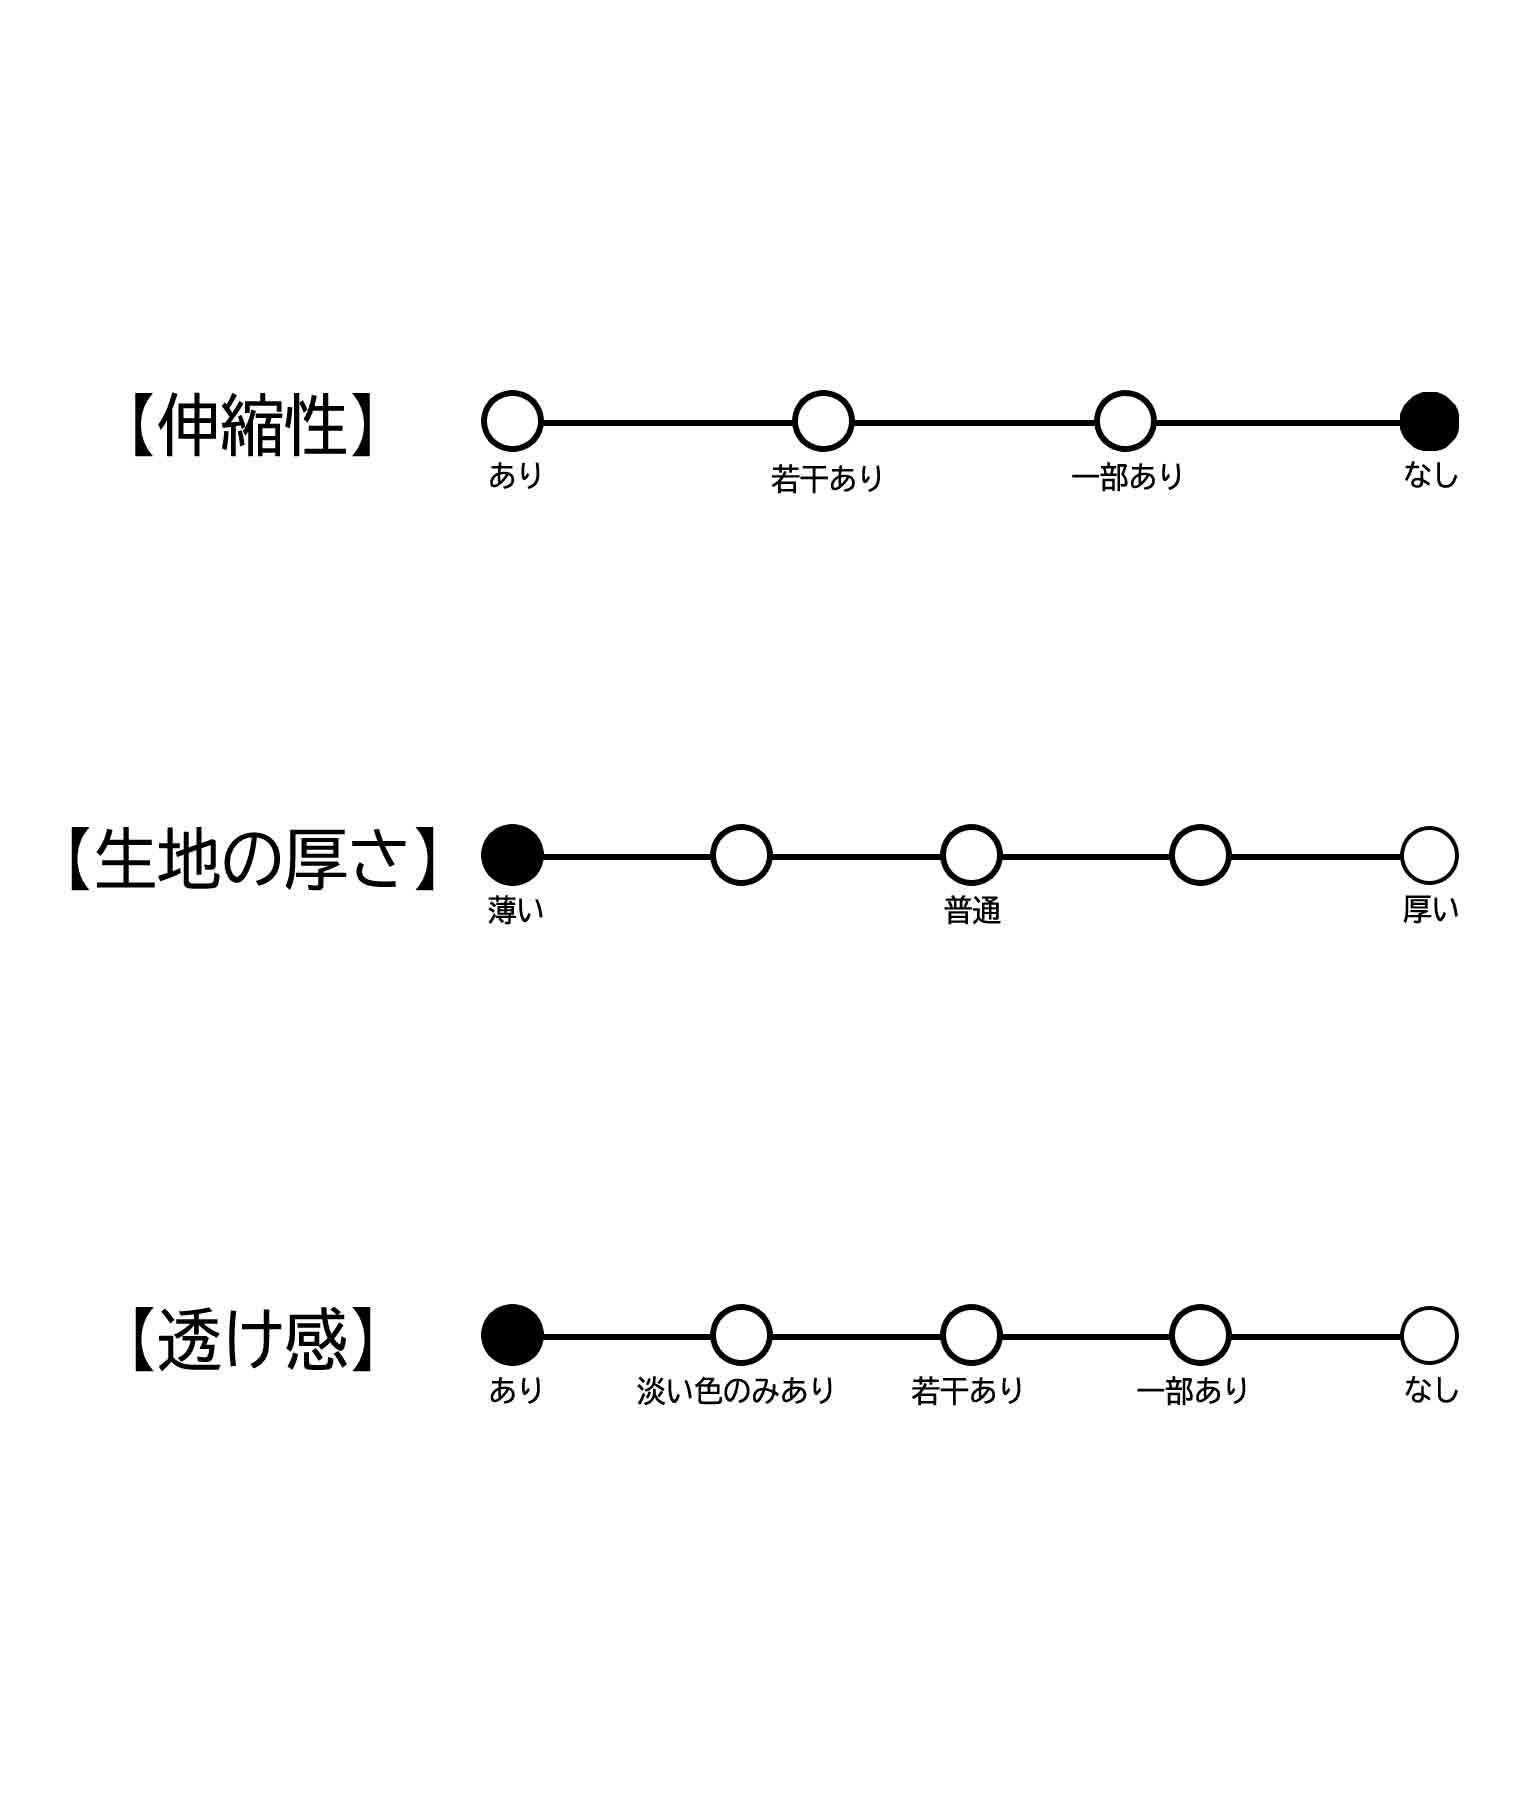 シアーウエスト絞りデザインシャツ(トップス/シャツ・ブラウス)   CHILLE